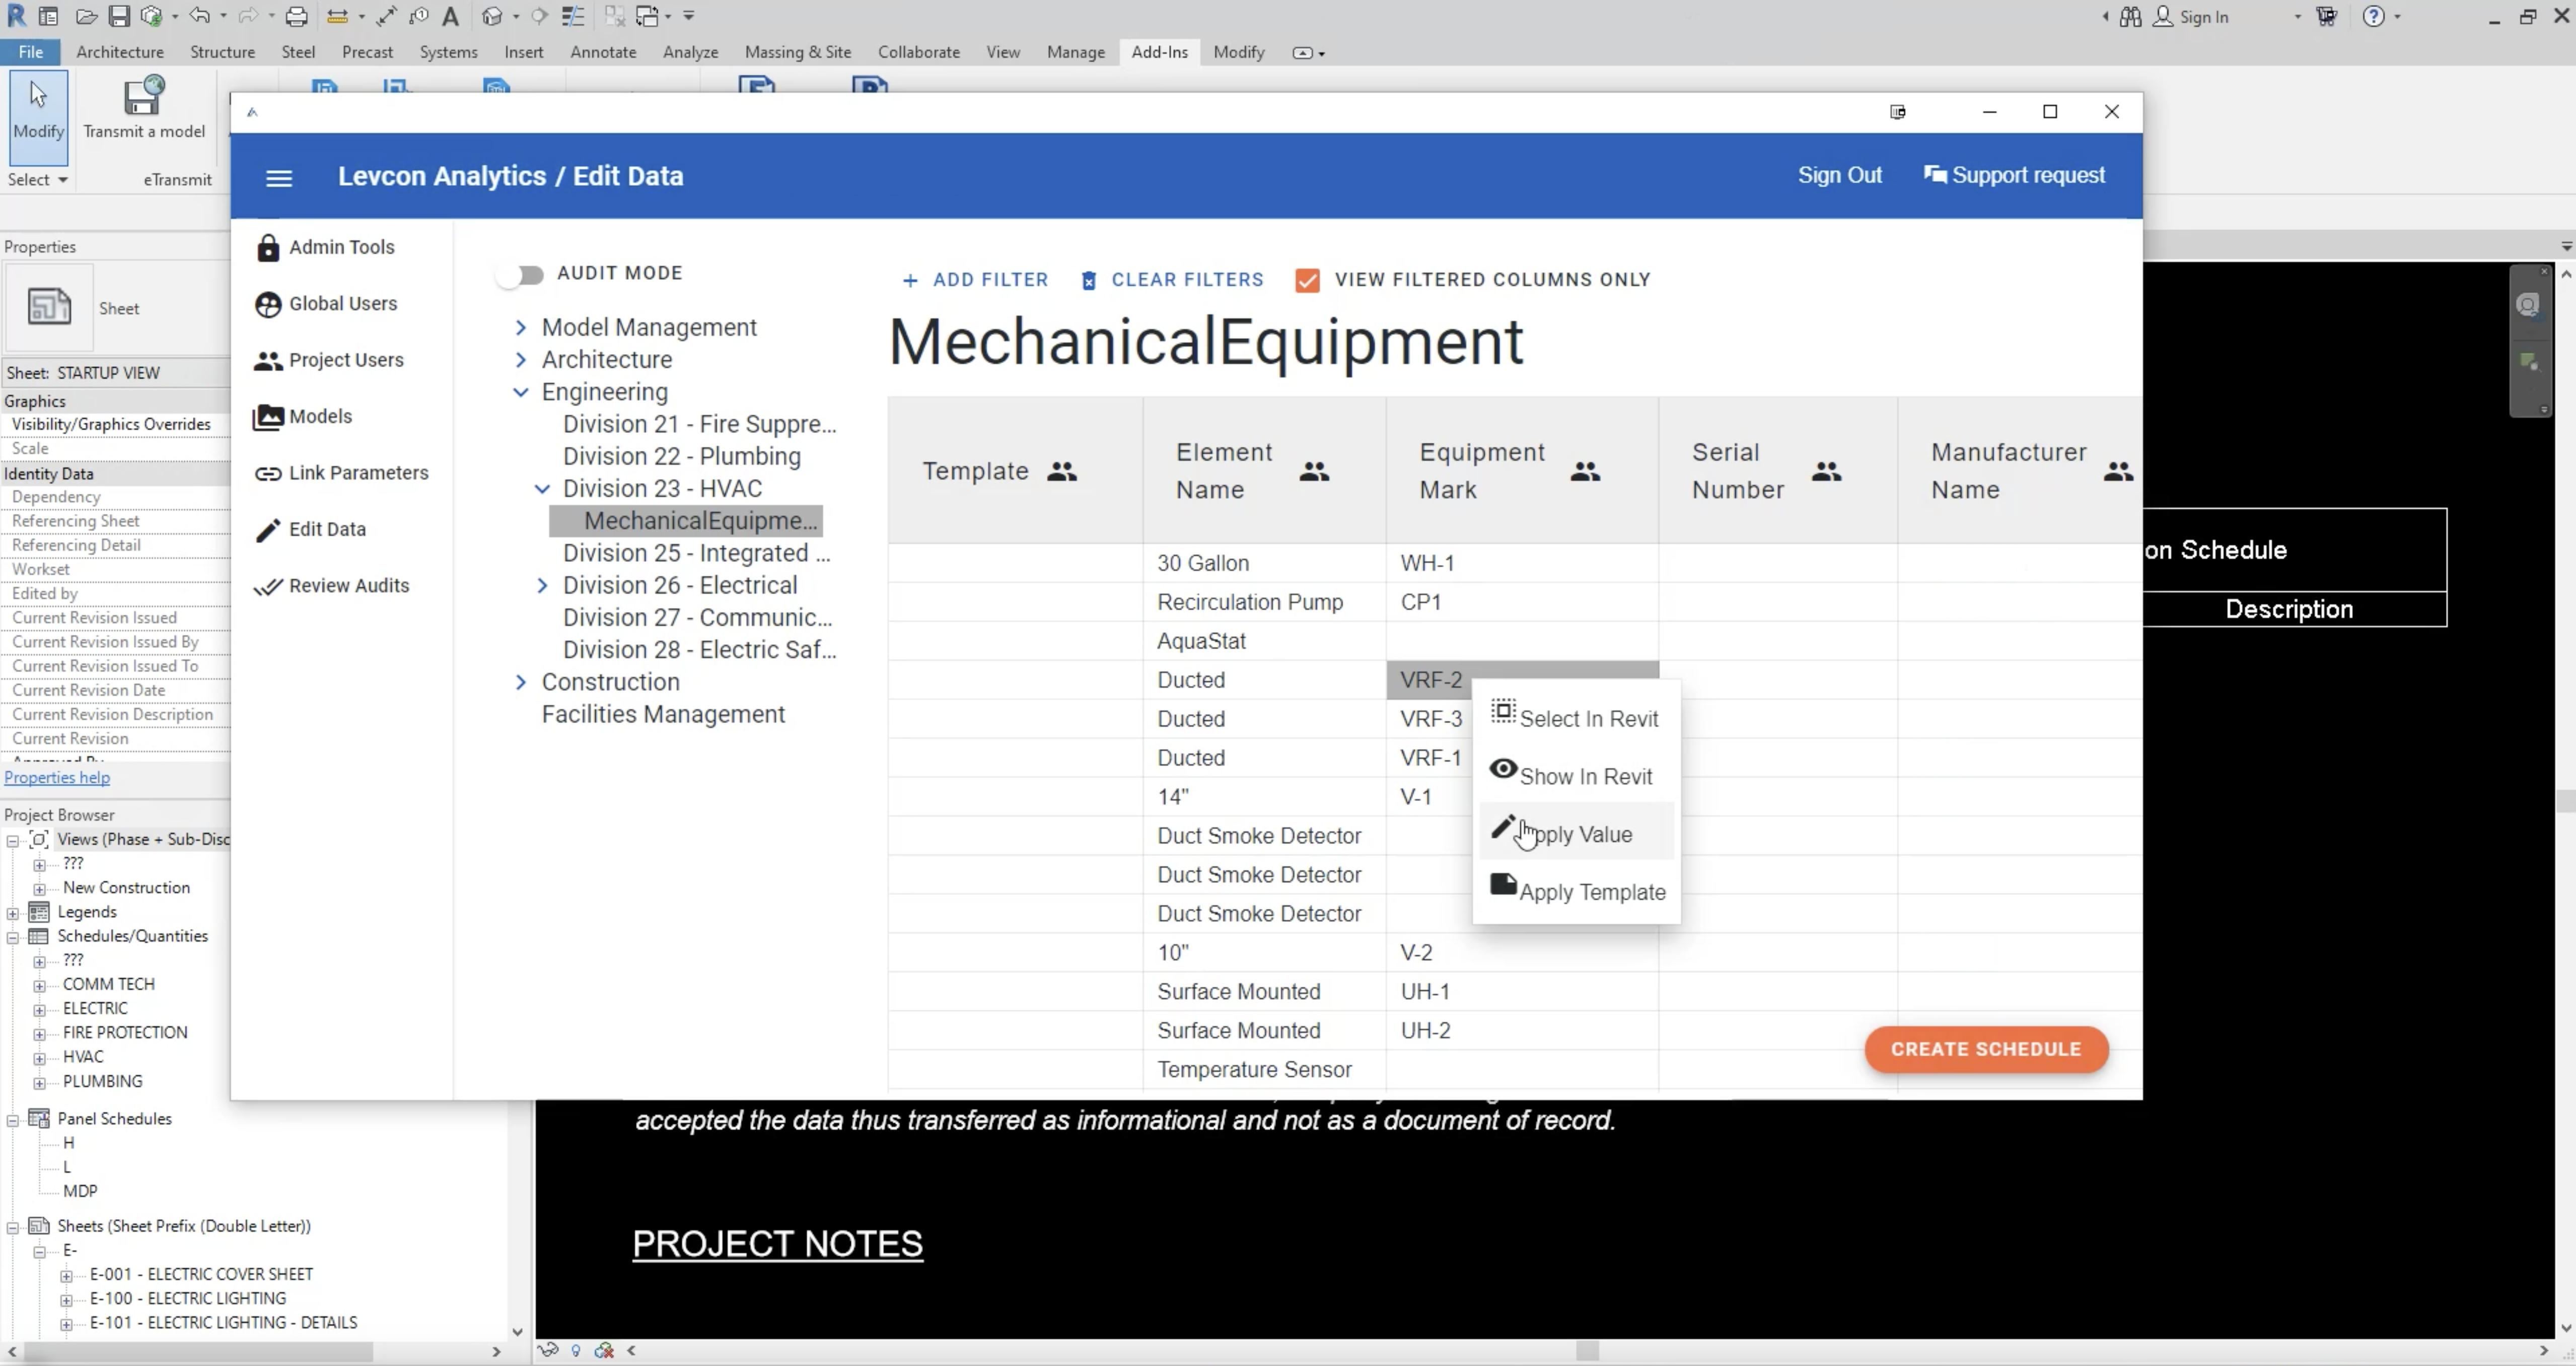 Covergit's Edit Data tool